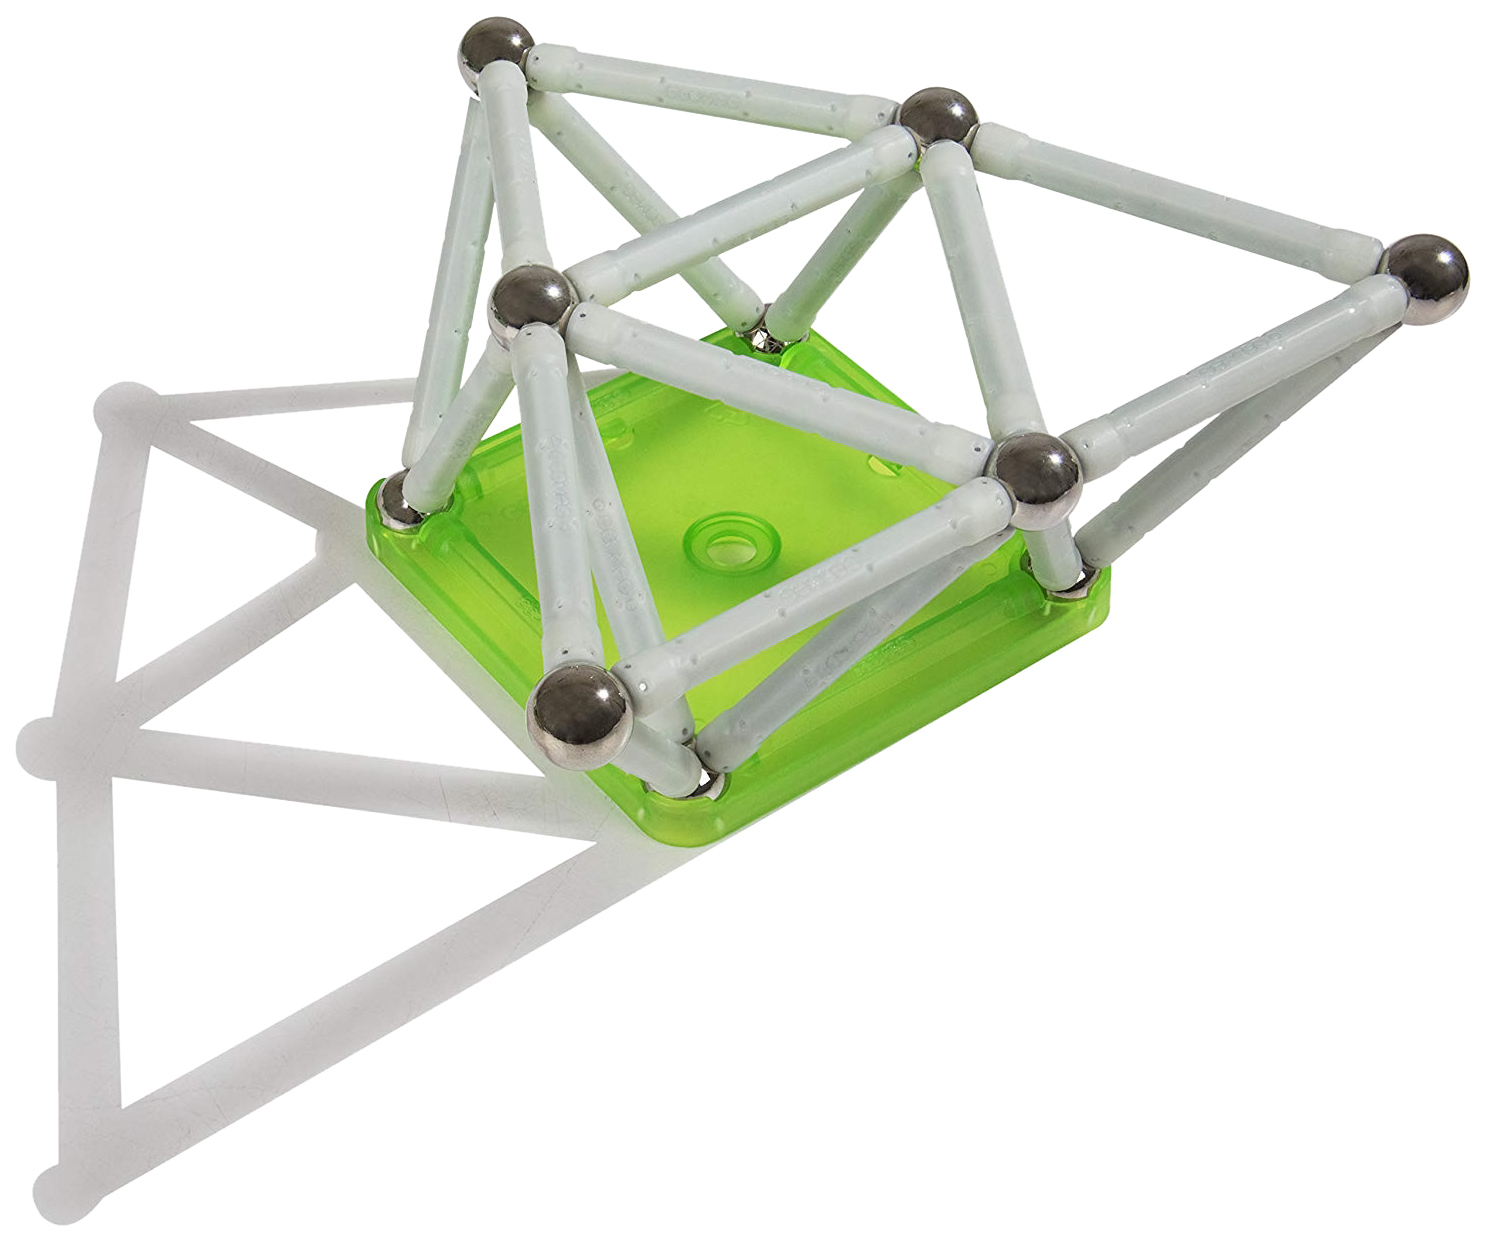 Купить Конструктор магнитный Geomag Glow 40 элементов 330, Магнитные конструкторы